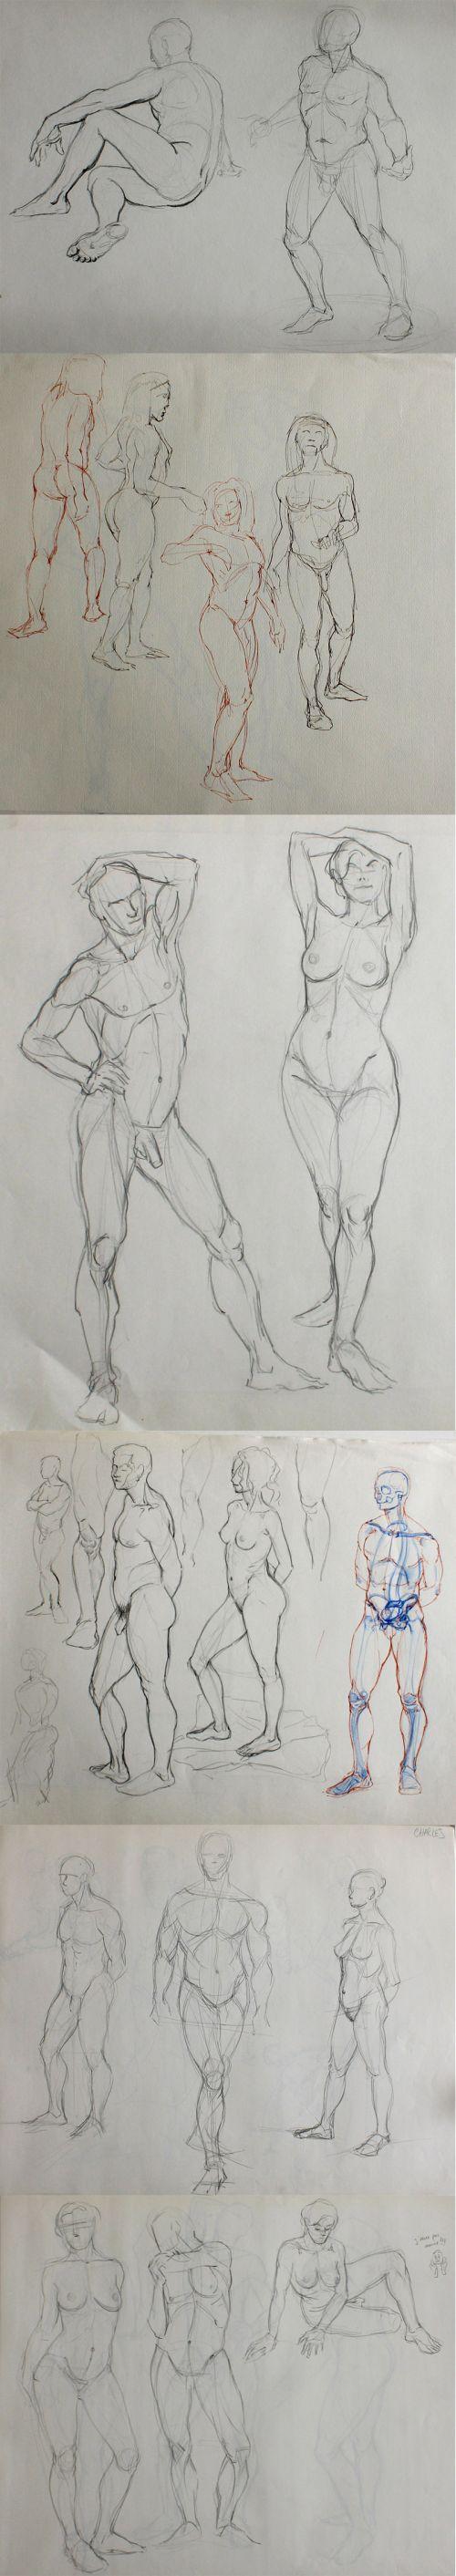 Croquis de modèles vivants : poses moyennes. Nude human sketch